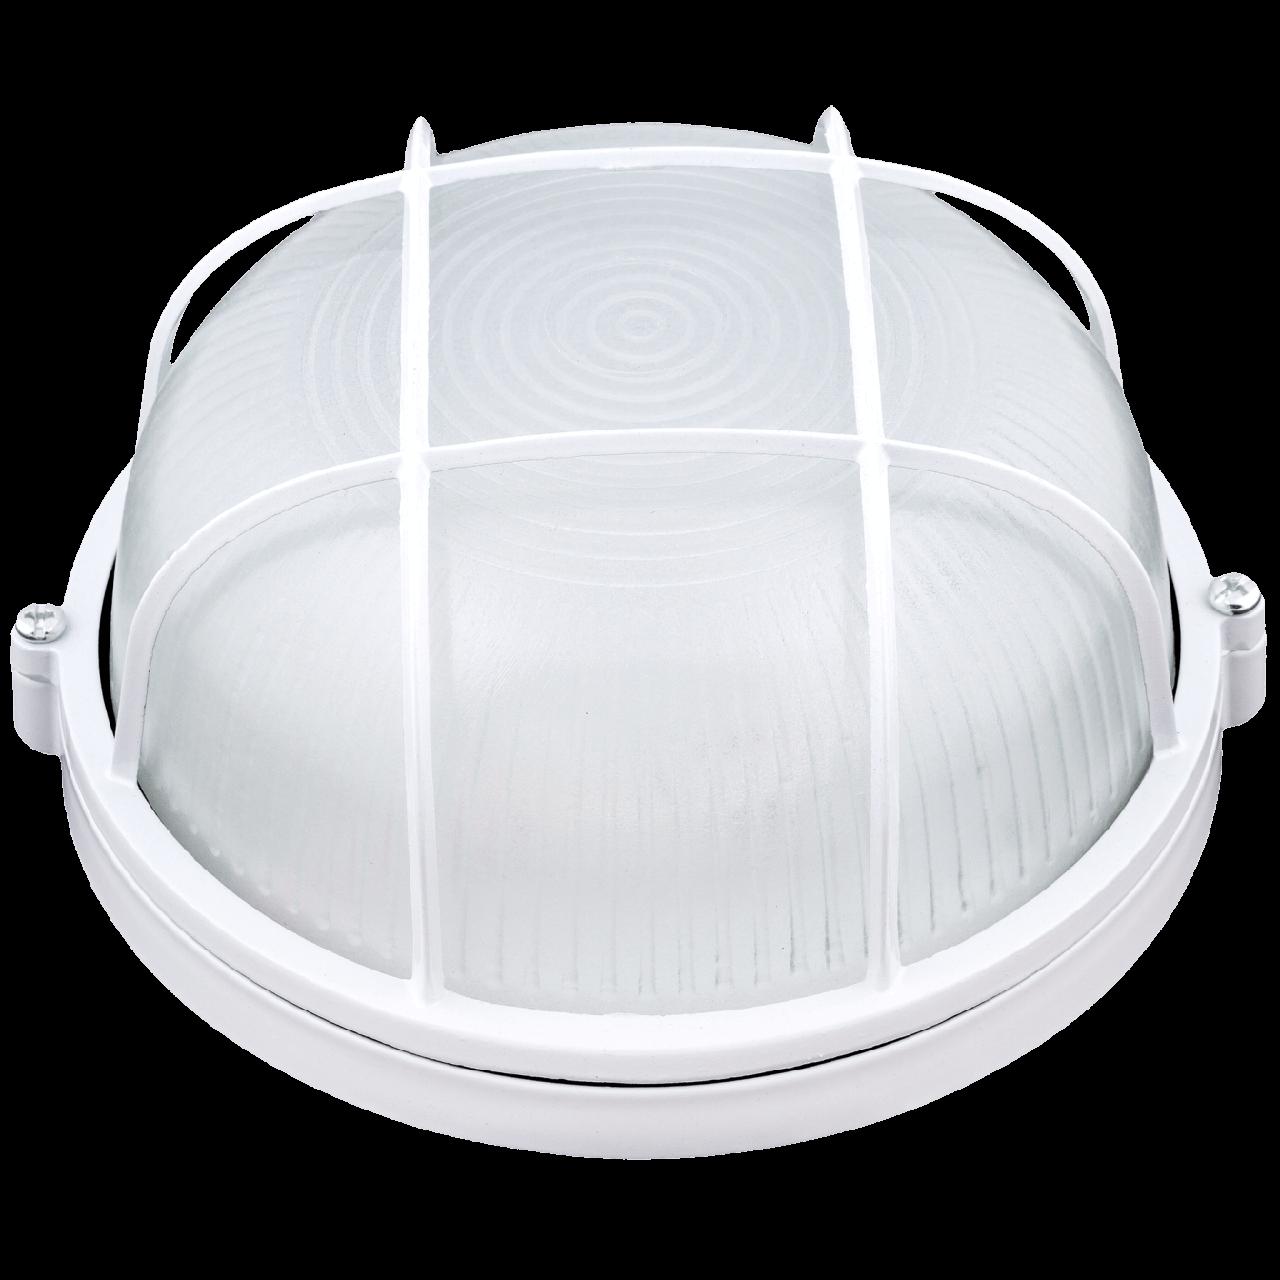 Светильник Ilumia с решеткой под лампу GX53 накладной (047)